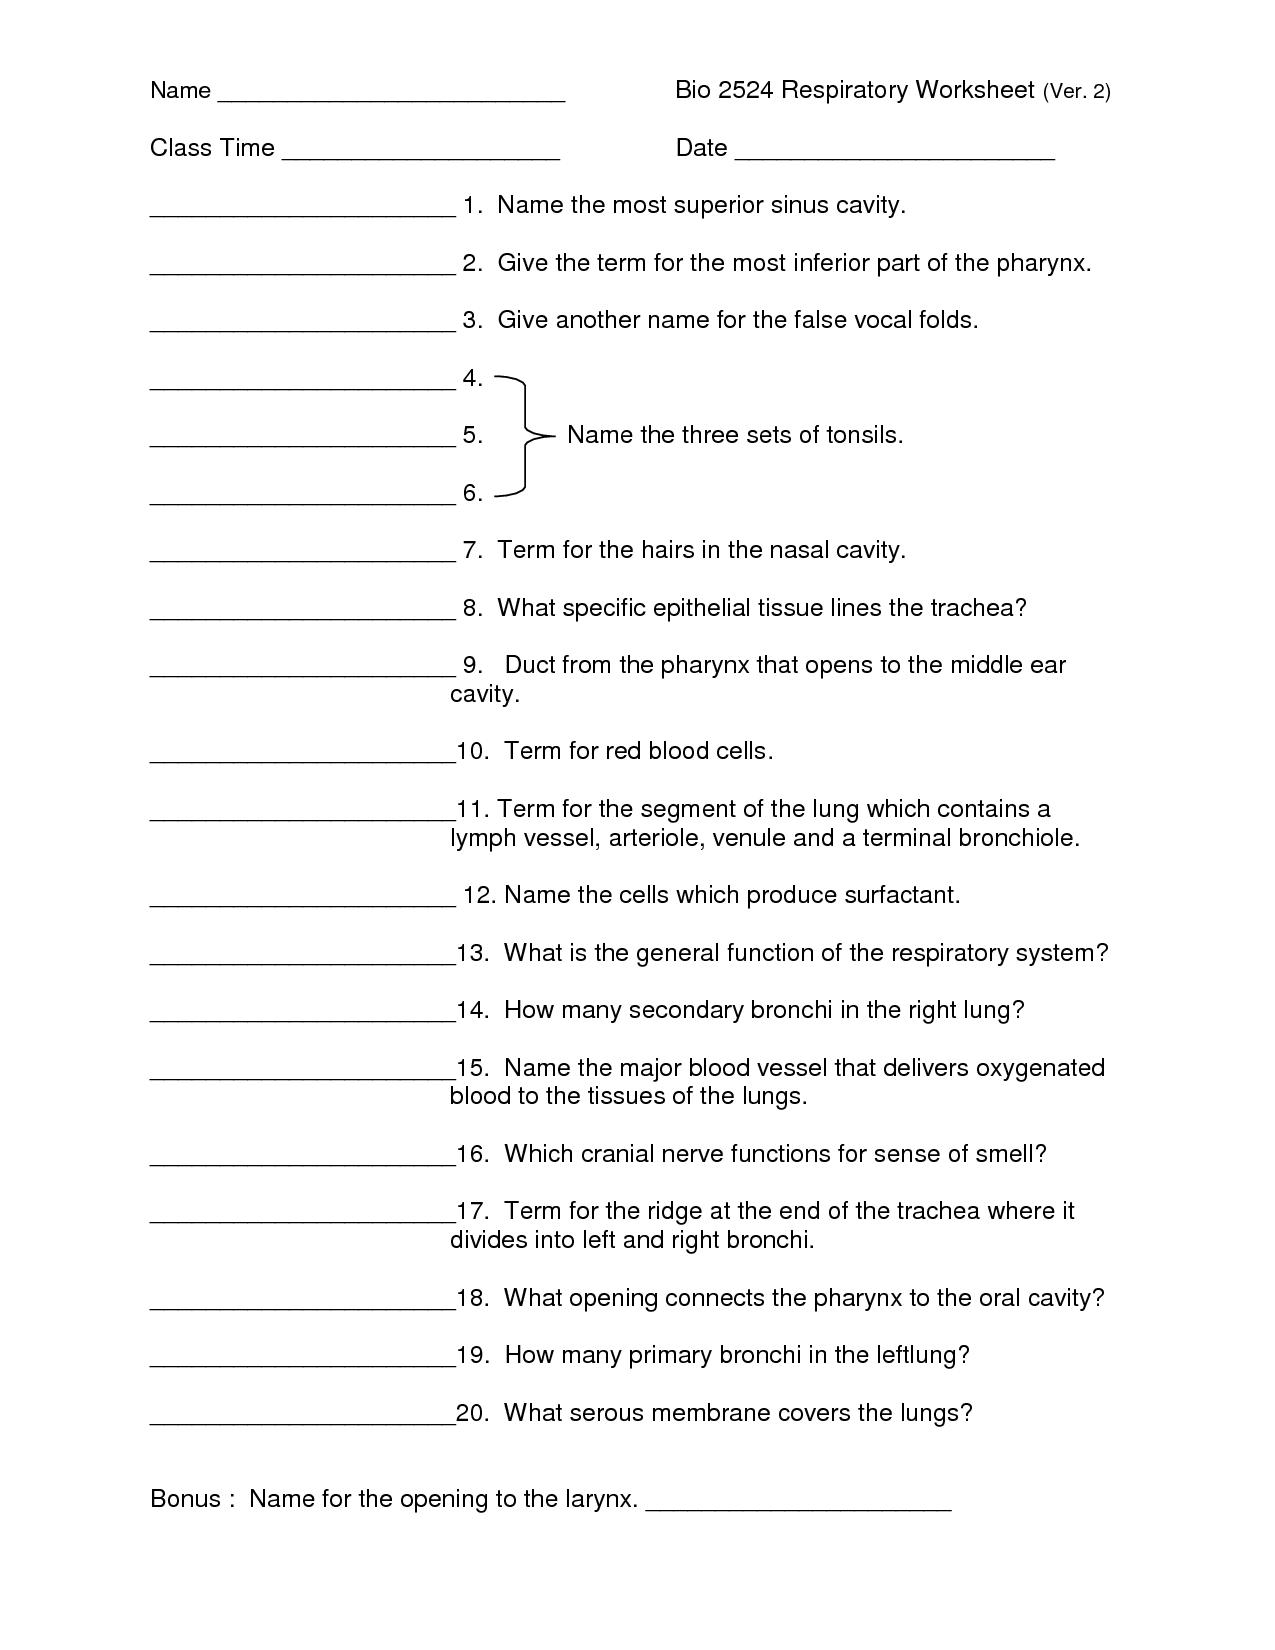 Human Respiratory System Worksheet